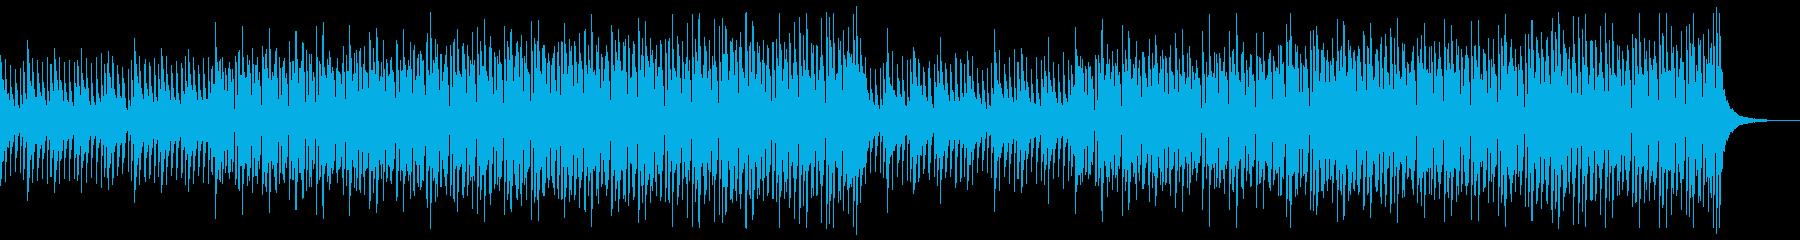 シンセ無しver ゆったり ピアノ&鉄琴の再生済みの波形